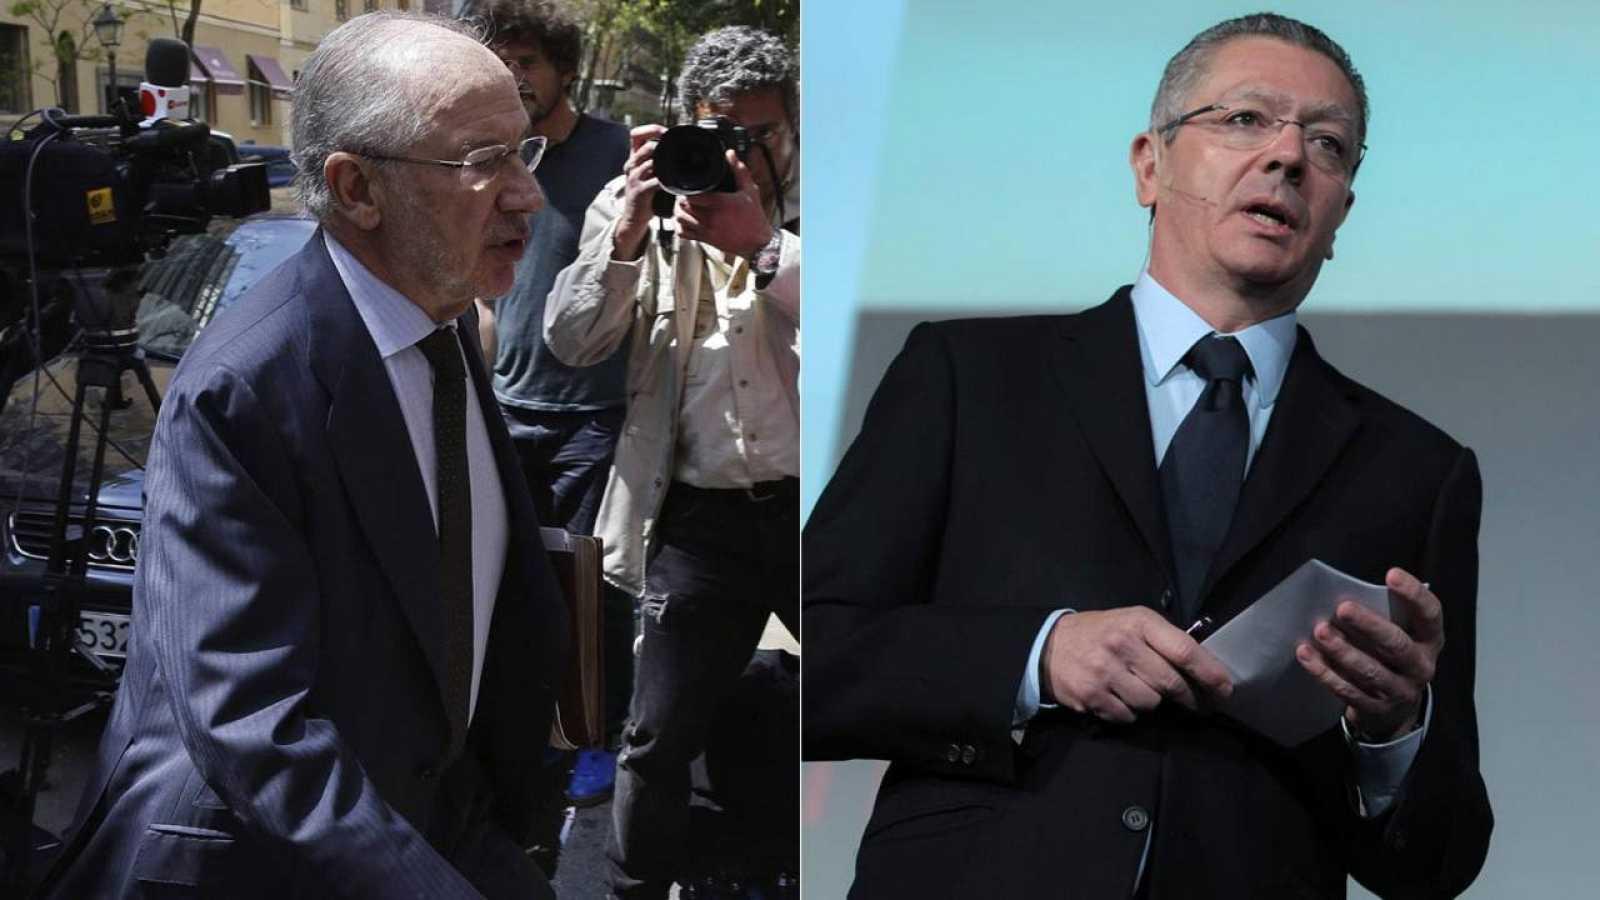 El exvicepresidente del Gobierno y exministro de Economía, Rodrigo Rato, y el exministro de Justicia y exalcalde de Madrid, Alberto Ruiz-Gallardón.